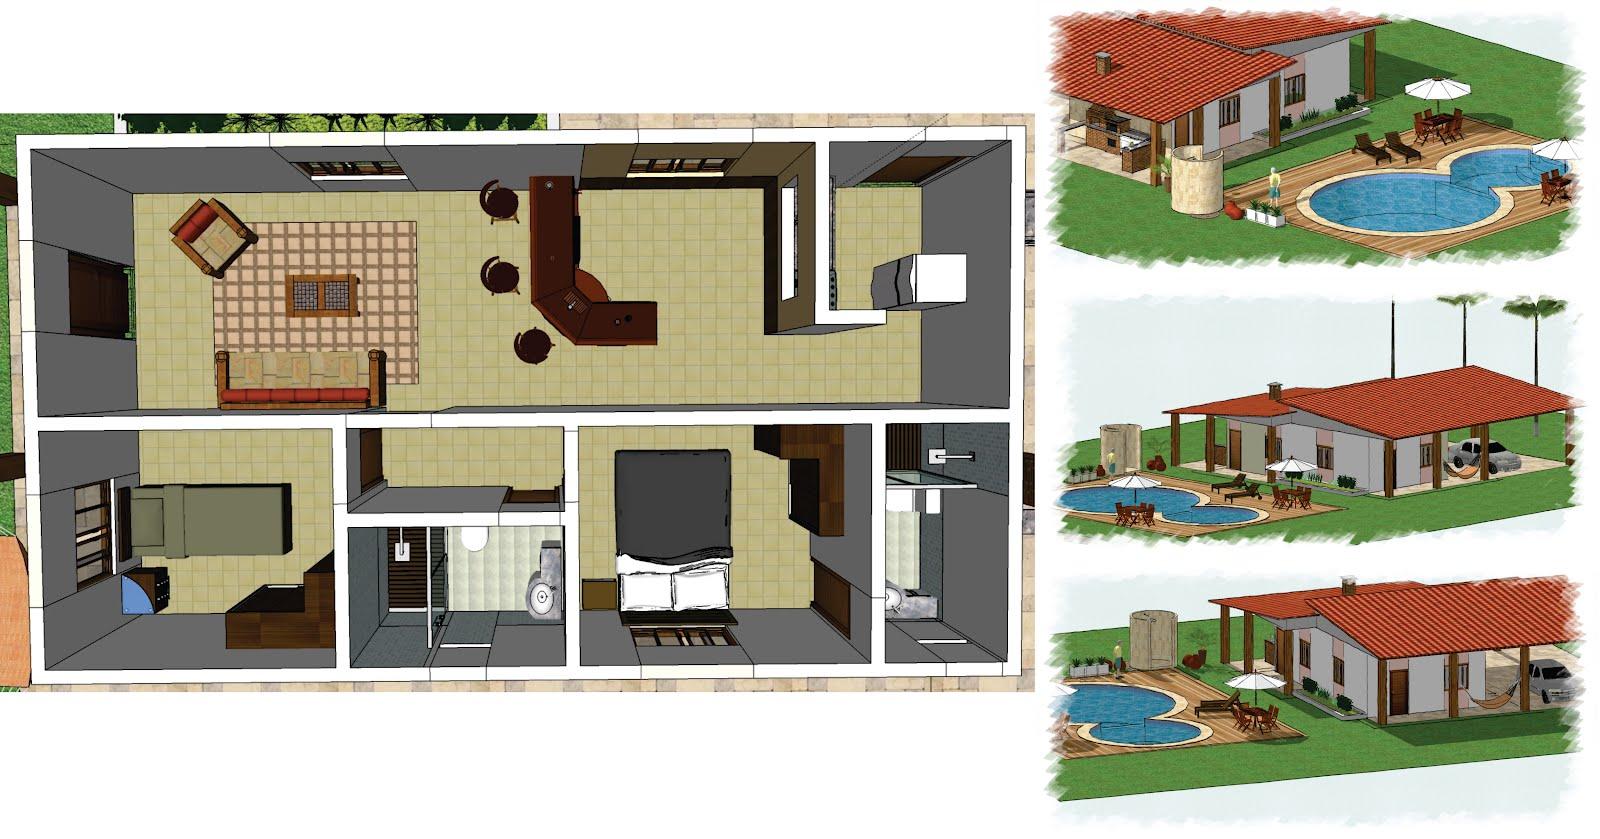 Designer: Projeto casa a partir de uma planta baixa Sketchup #87442C 1600 839